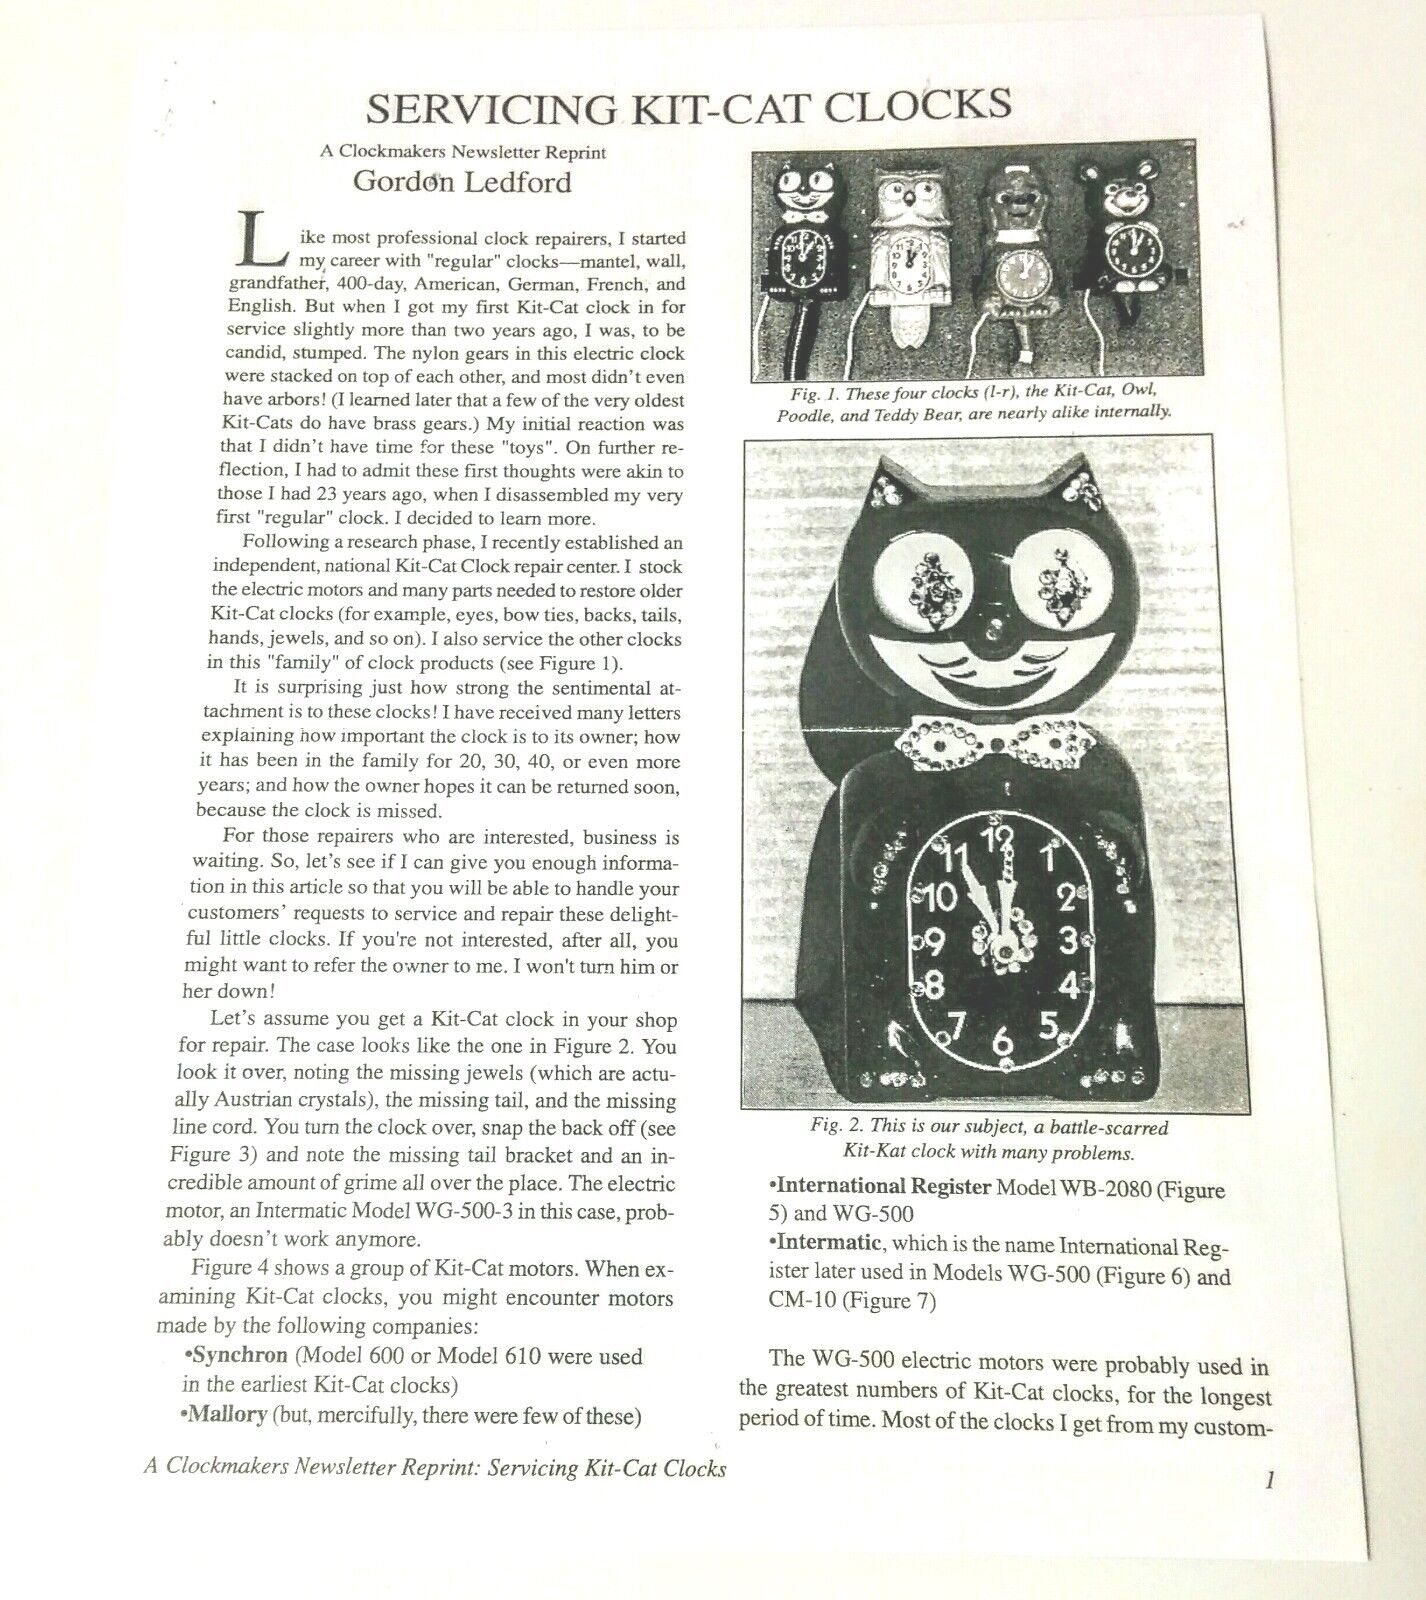 Original Electric Kit Kat Clock Repair Guide Reprint.